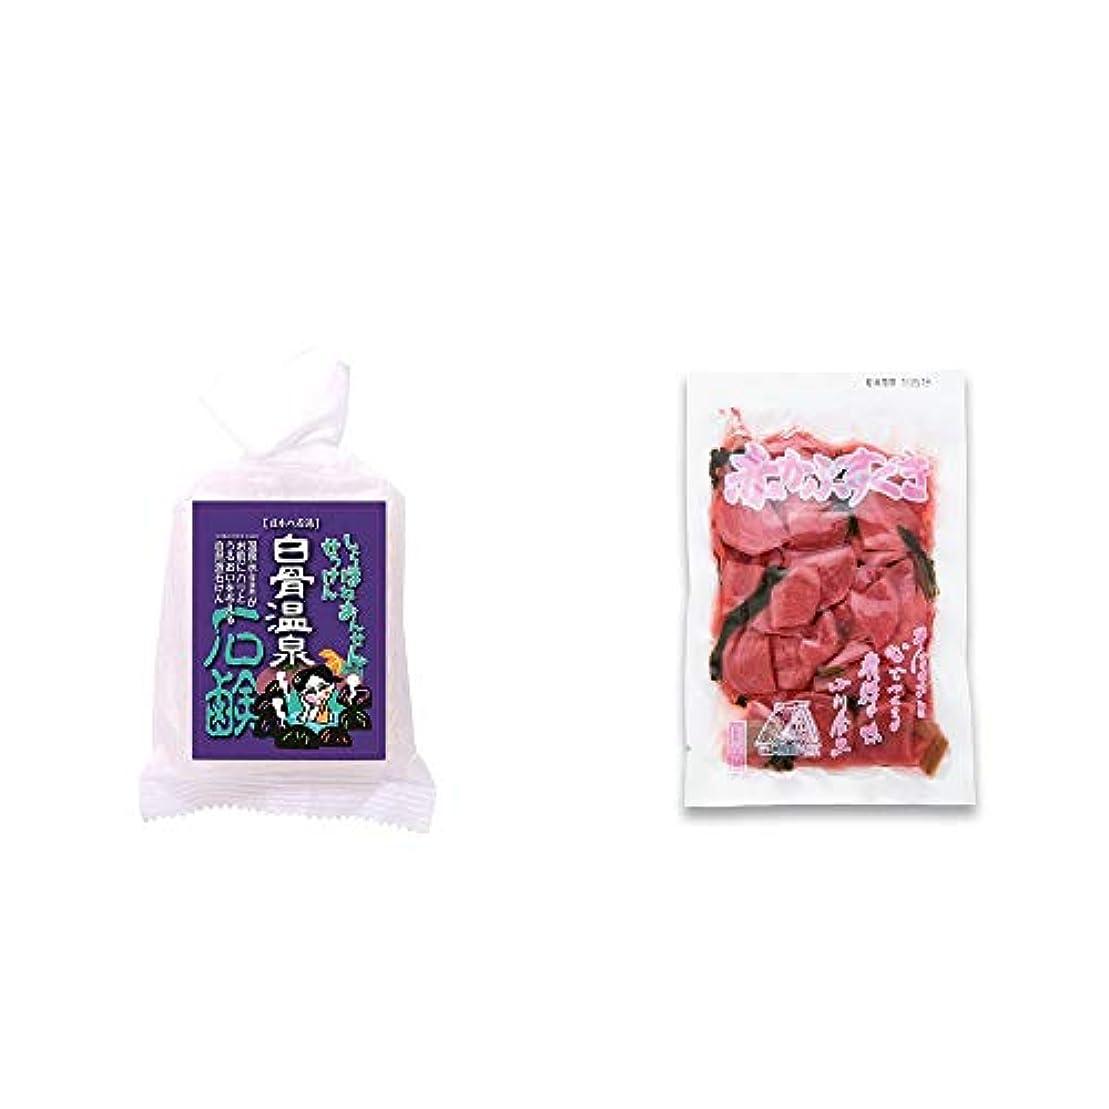 取り囲むアルファベット順退化する[2点セット] 信州 白骨温泉石鹸(80g)?赤かぶすぐき(160g)